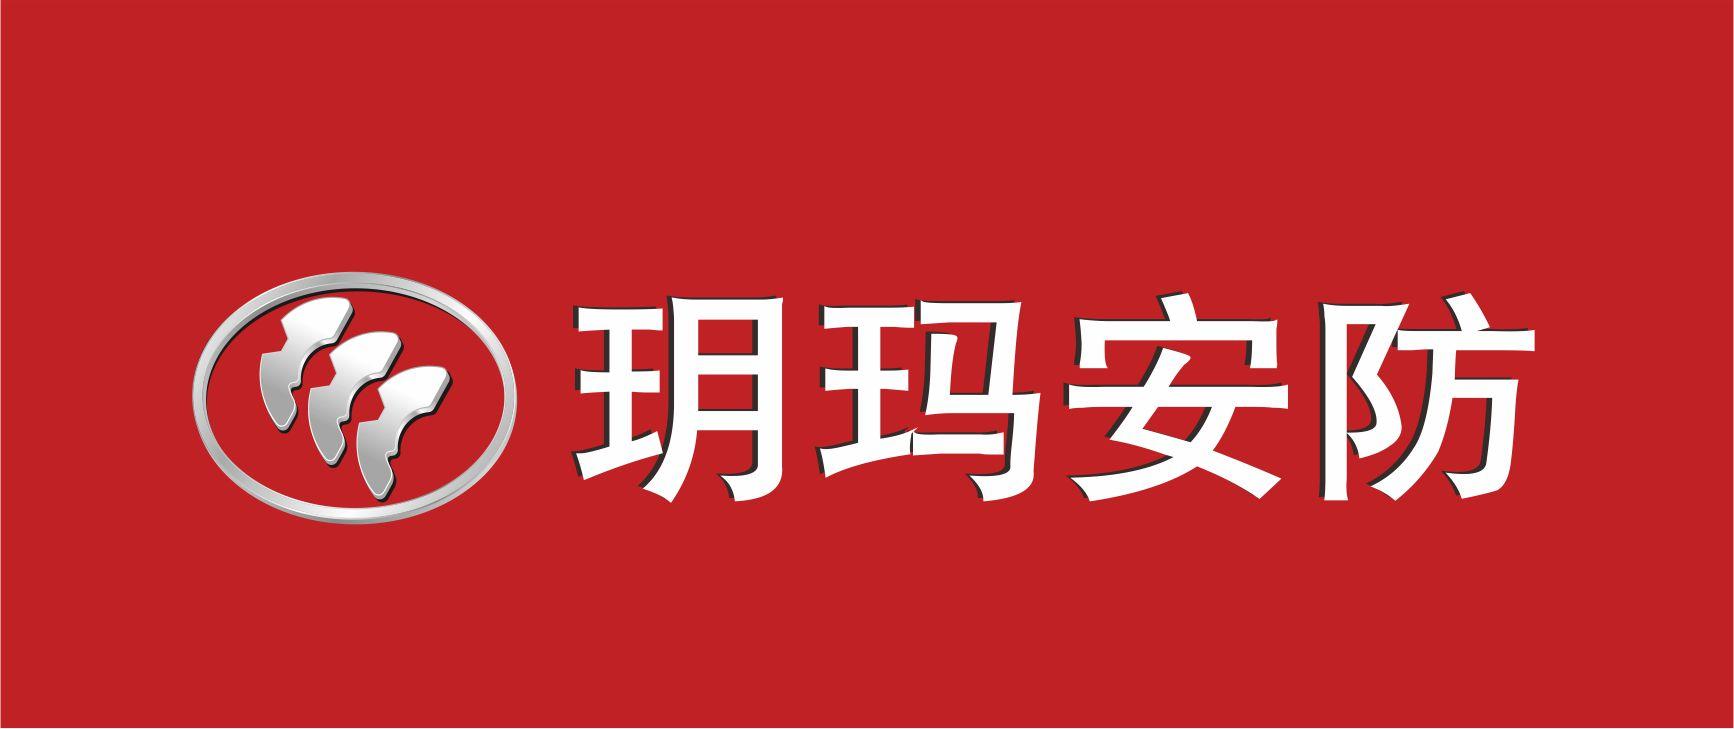 广东镖臣防盗设备有限公司_国际人才网_job001.cn